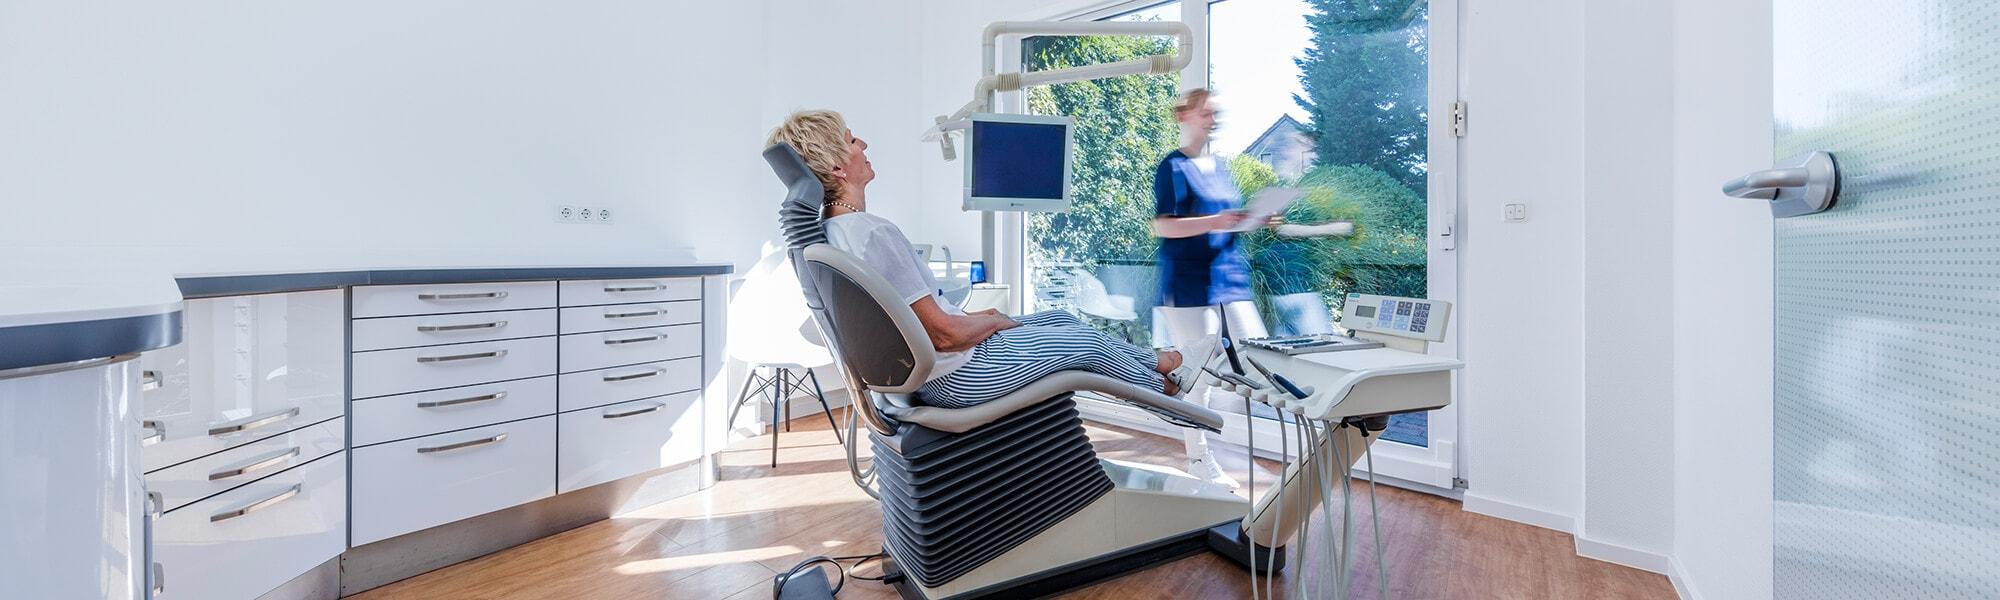 Zahnarzt Viersen - Guen - Praxis Slider